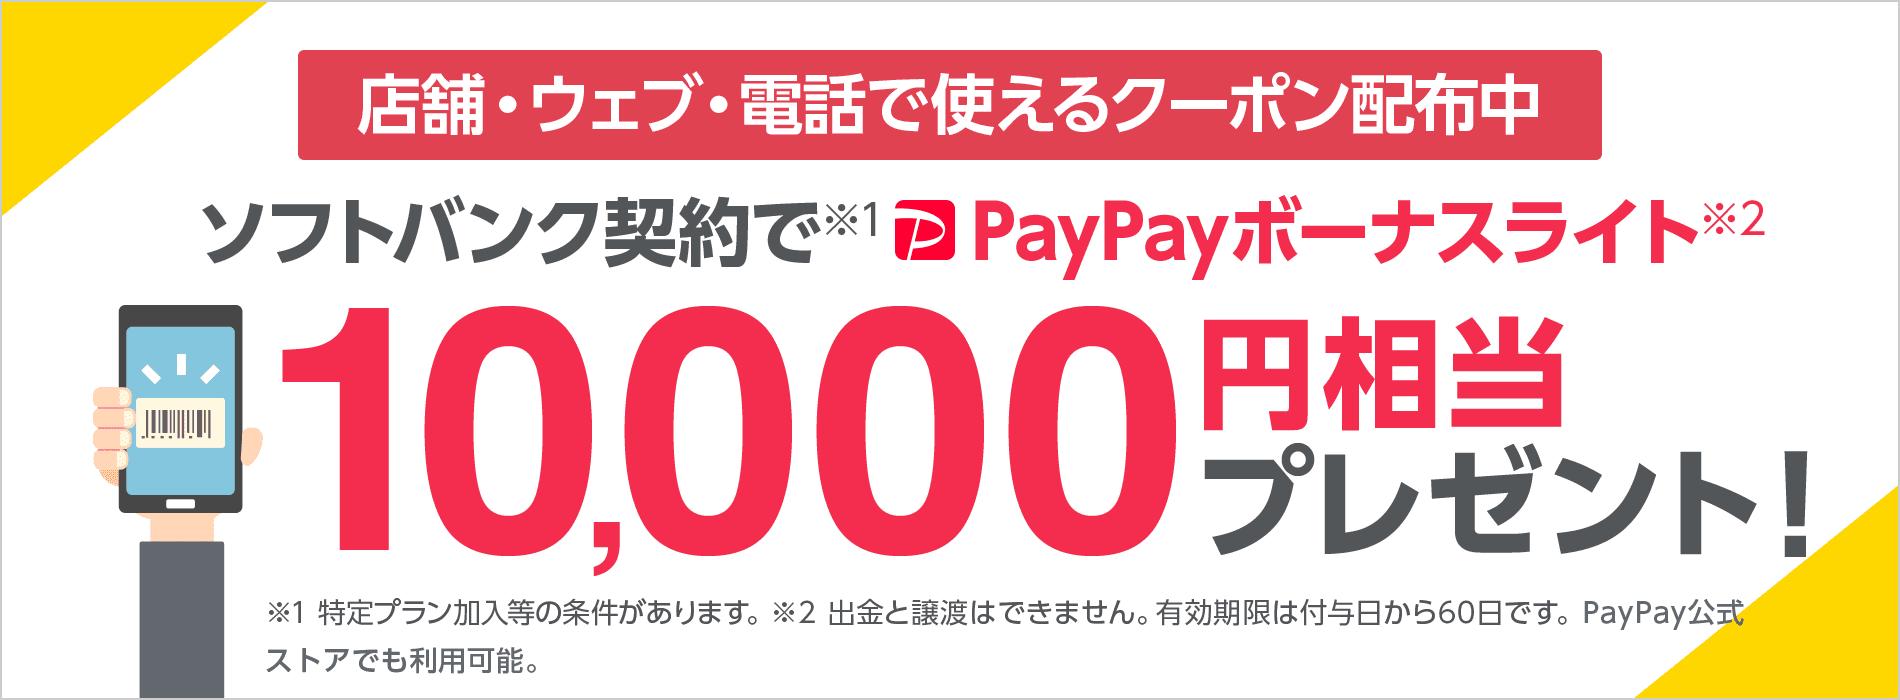 店舗・ウェブ・電話で使えるクーポン配布中 ソフトバンク契約で※1 PayPayボーナスライト※2 10,000円相当プレゼント!※1 特定プラン加入等の条件があります。 ※2 出金と譲渡はできません。有効期限は付与日から60日です。PayPay公式ストアでも利用可能。